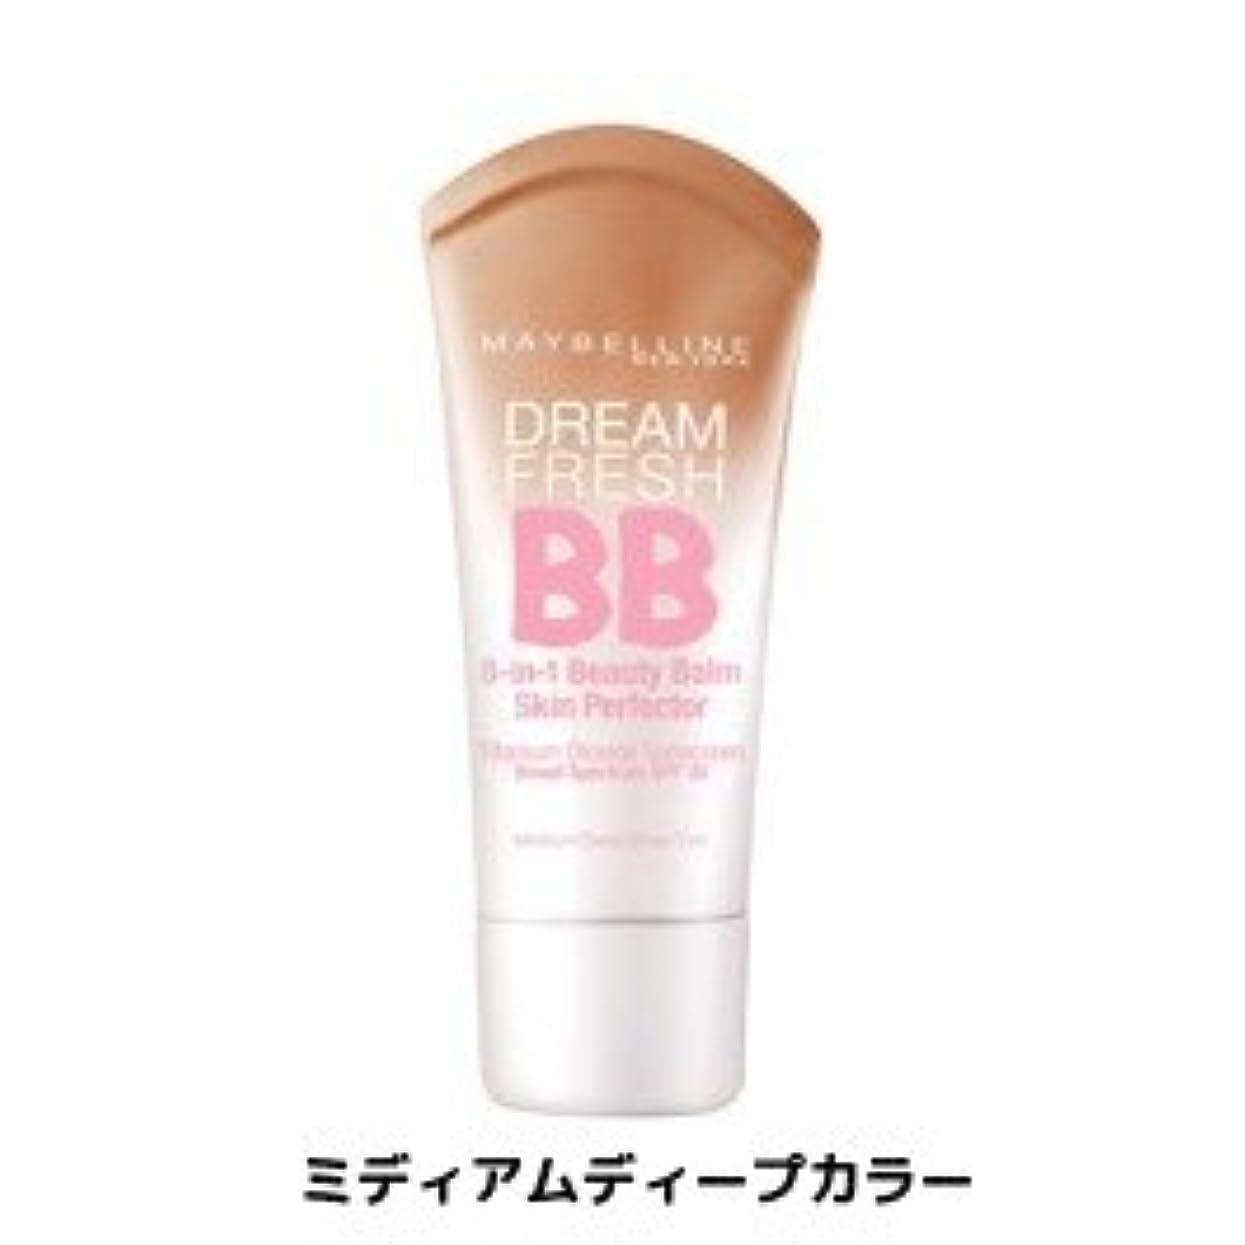 承認もちろん折メイベリン BBクリーム  SPF 30*Maybelline Dream Fresh BB Cream 30ml【平行輸入品】 (ミディアムディープカラー)